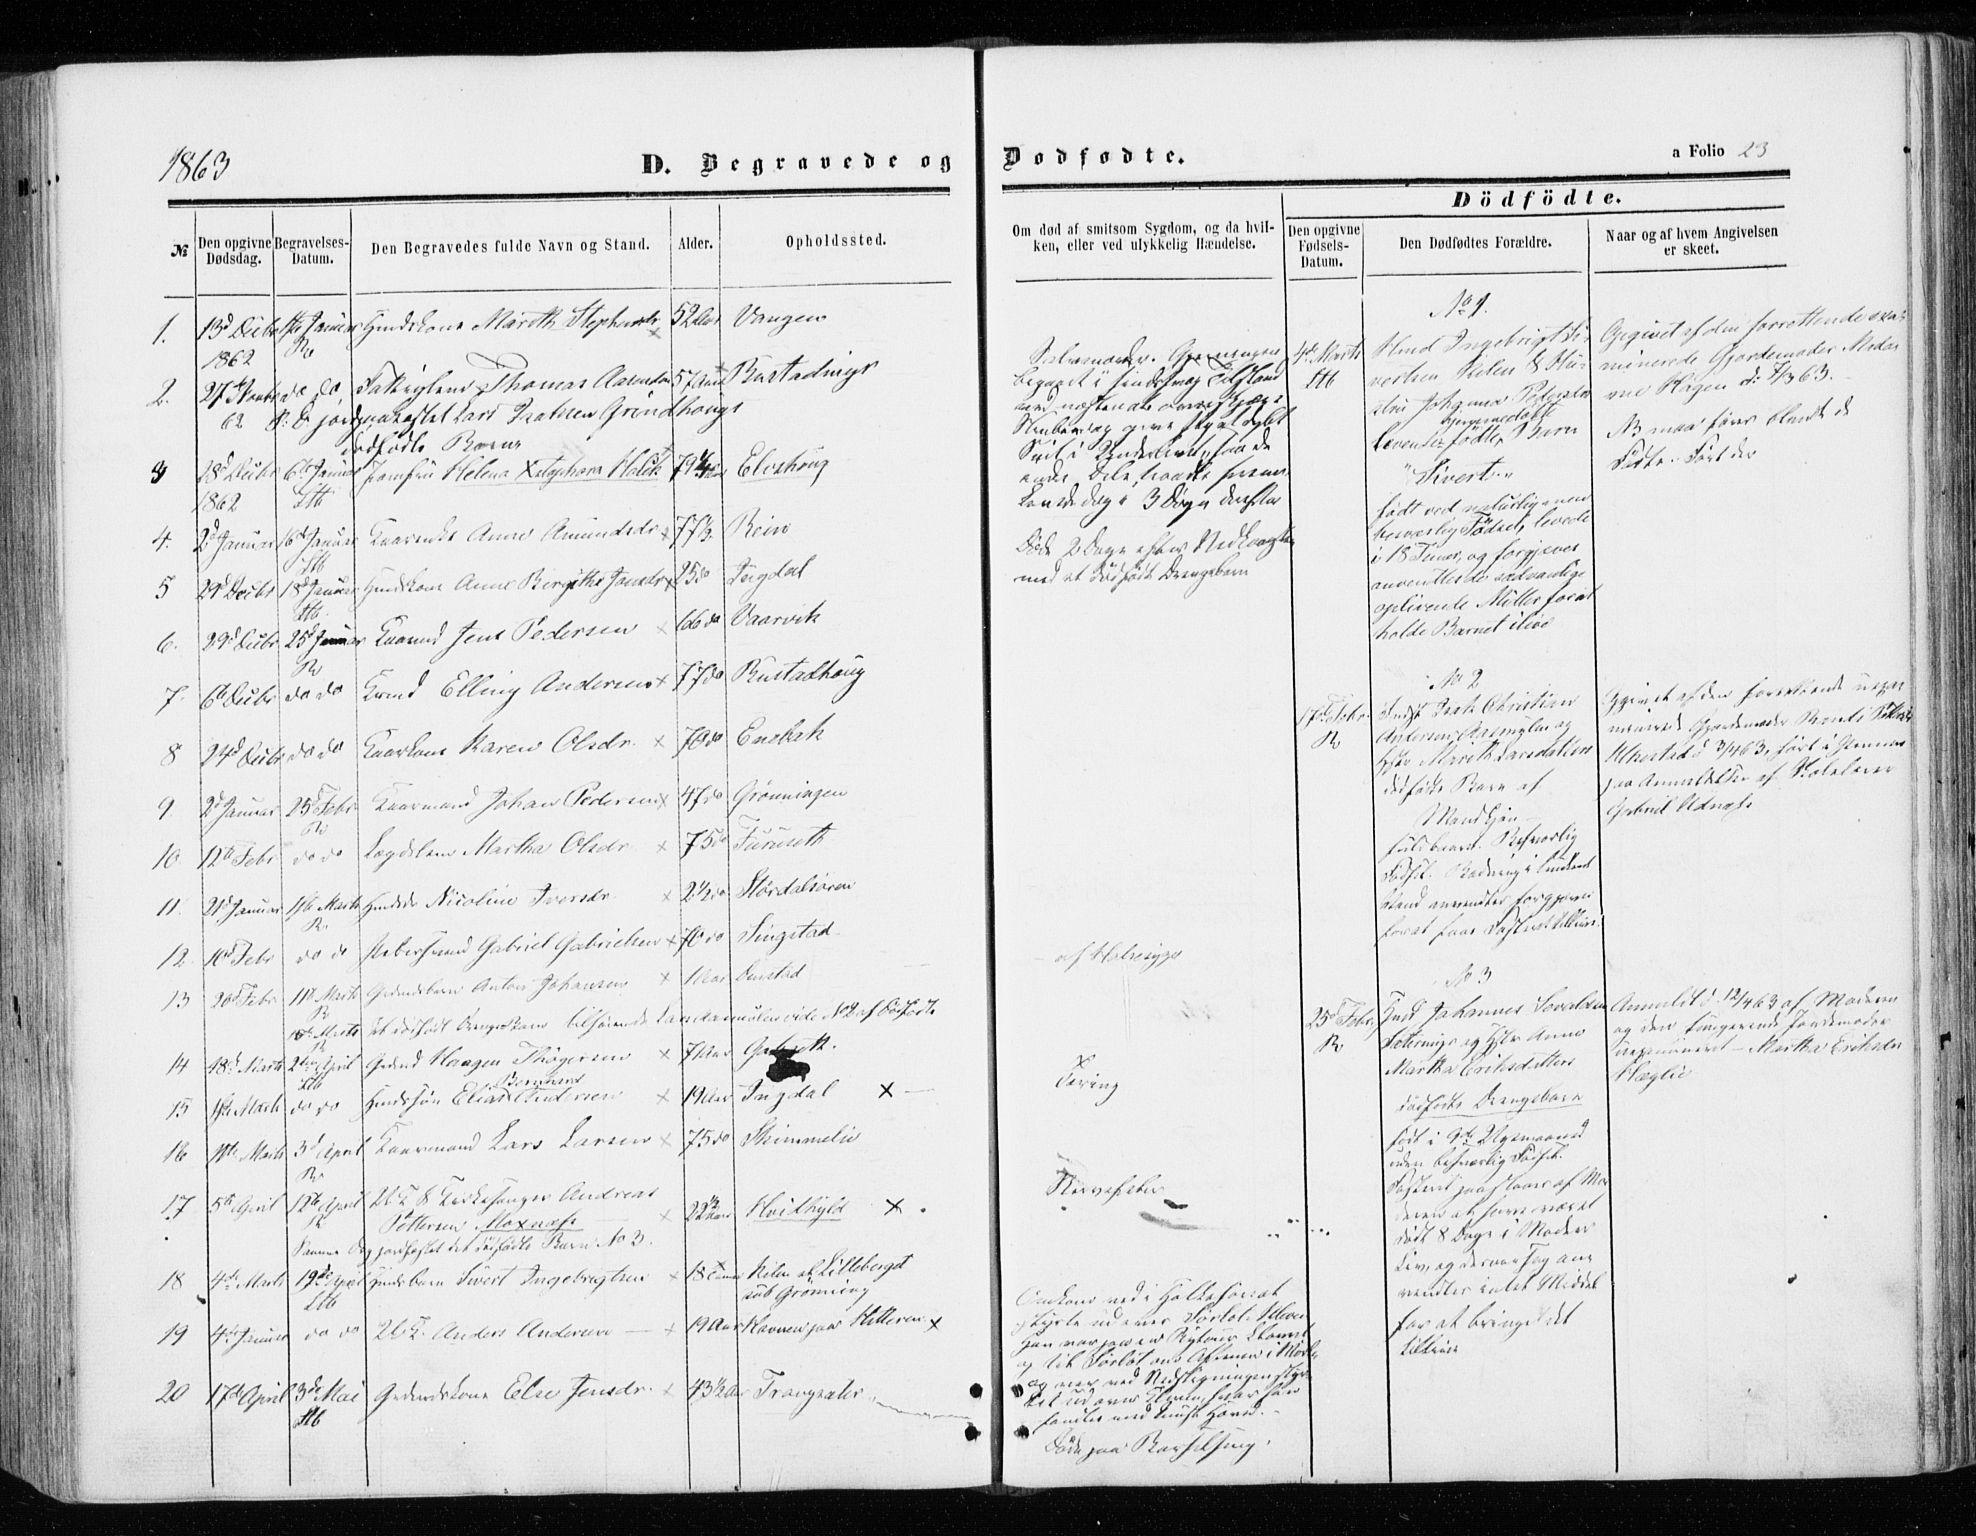 SAT, Ministerialprotokoller, klokkerbøker og fødselsregistre - Sør-Trøndelag, 646/L0612: Ministerialbok nr. 646A10, 1858-1869, s. 23